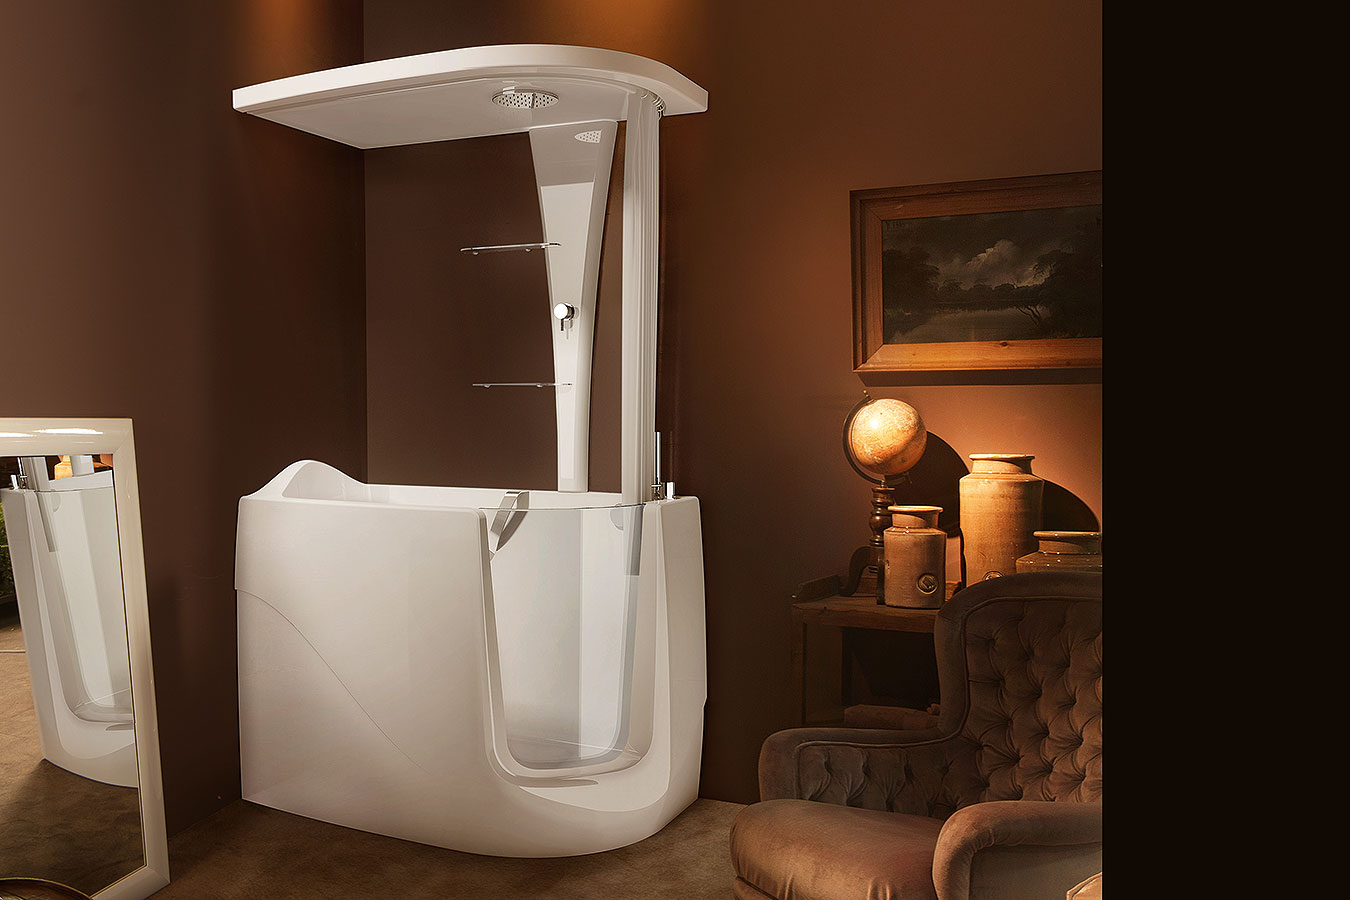 Gen x top i vasca da bagno per disabili anziani - Bagno disabili con doccia ...